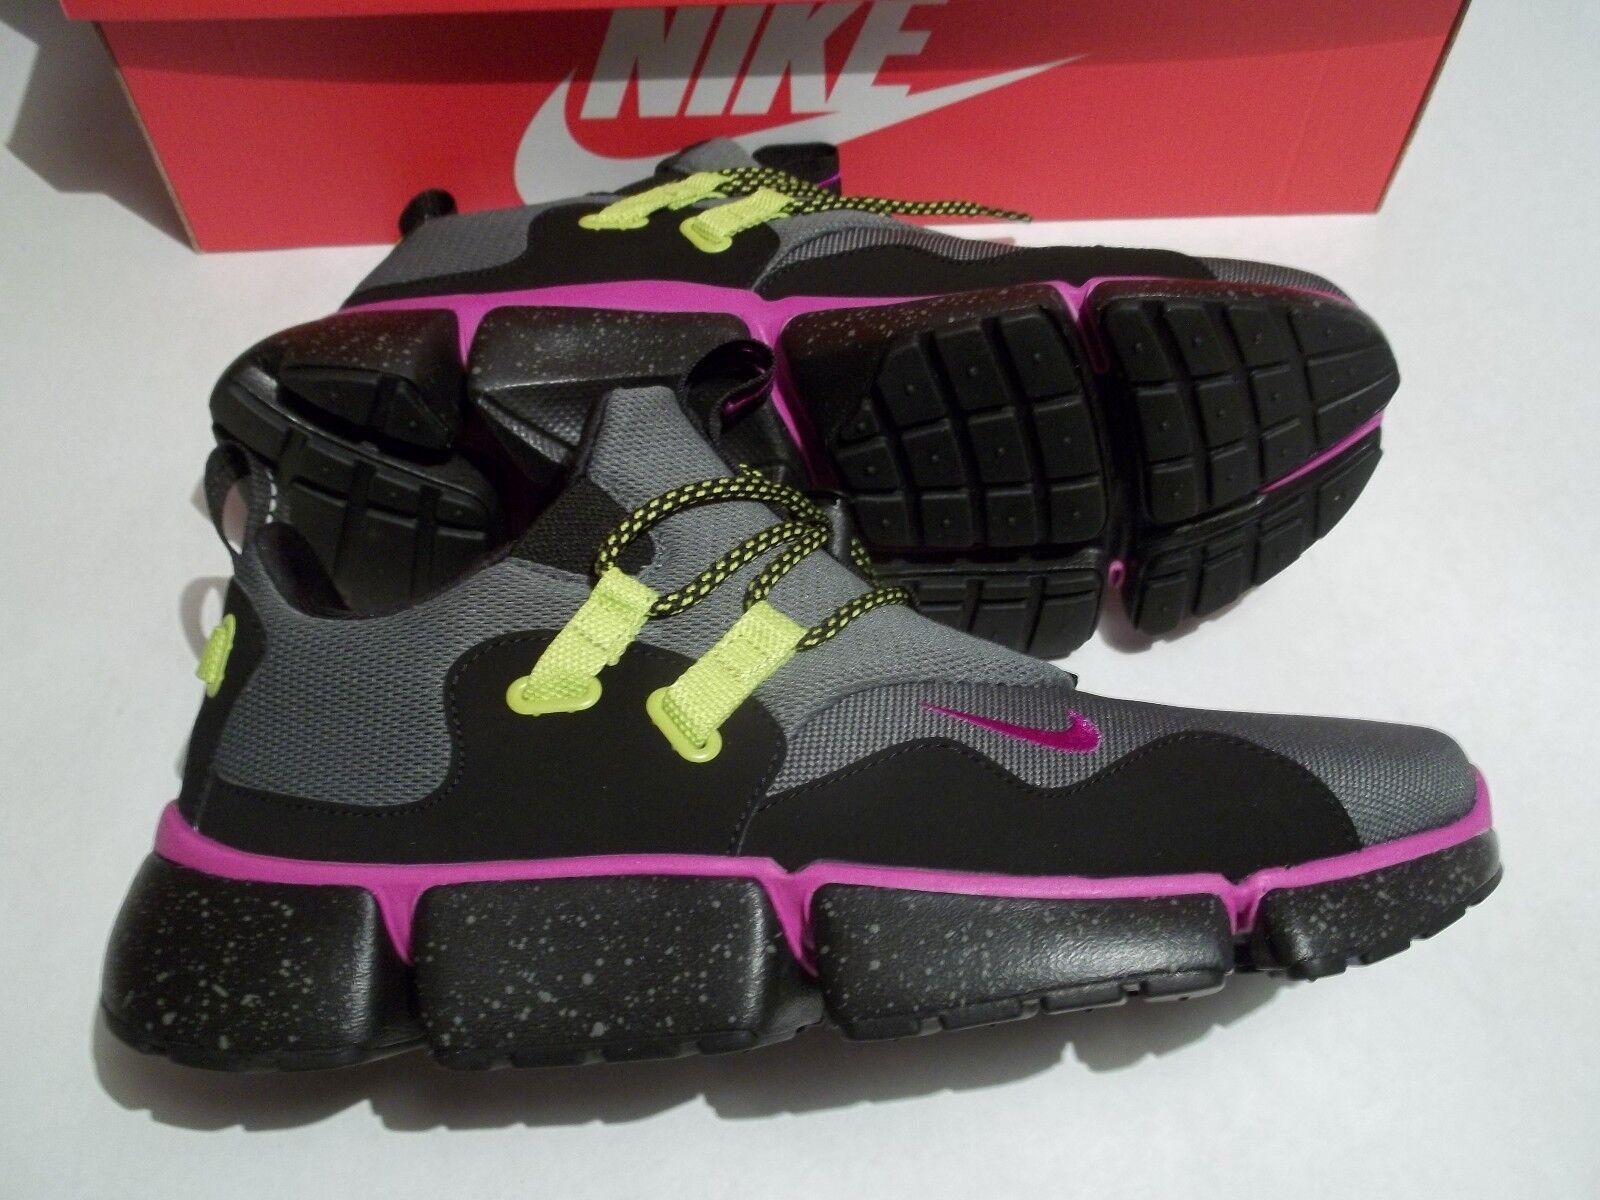 nib nike canif dm su les chaussures river Noir Noir Noir ah9709-001 taille 11,5 d23a52